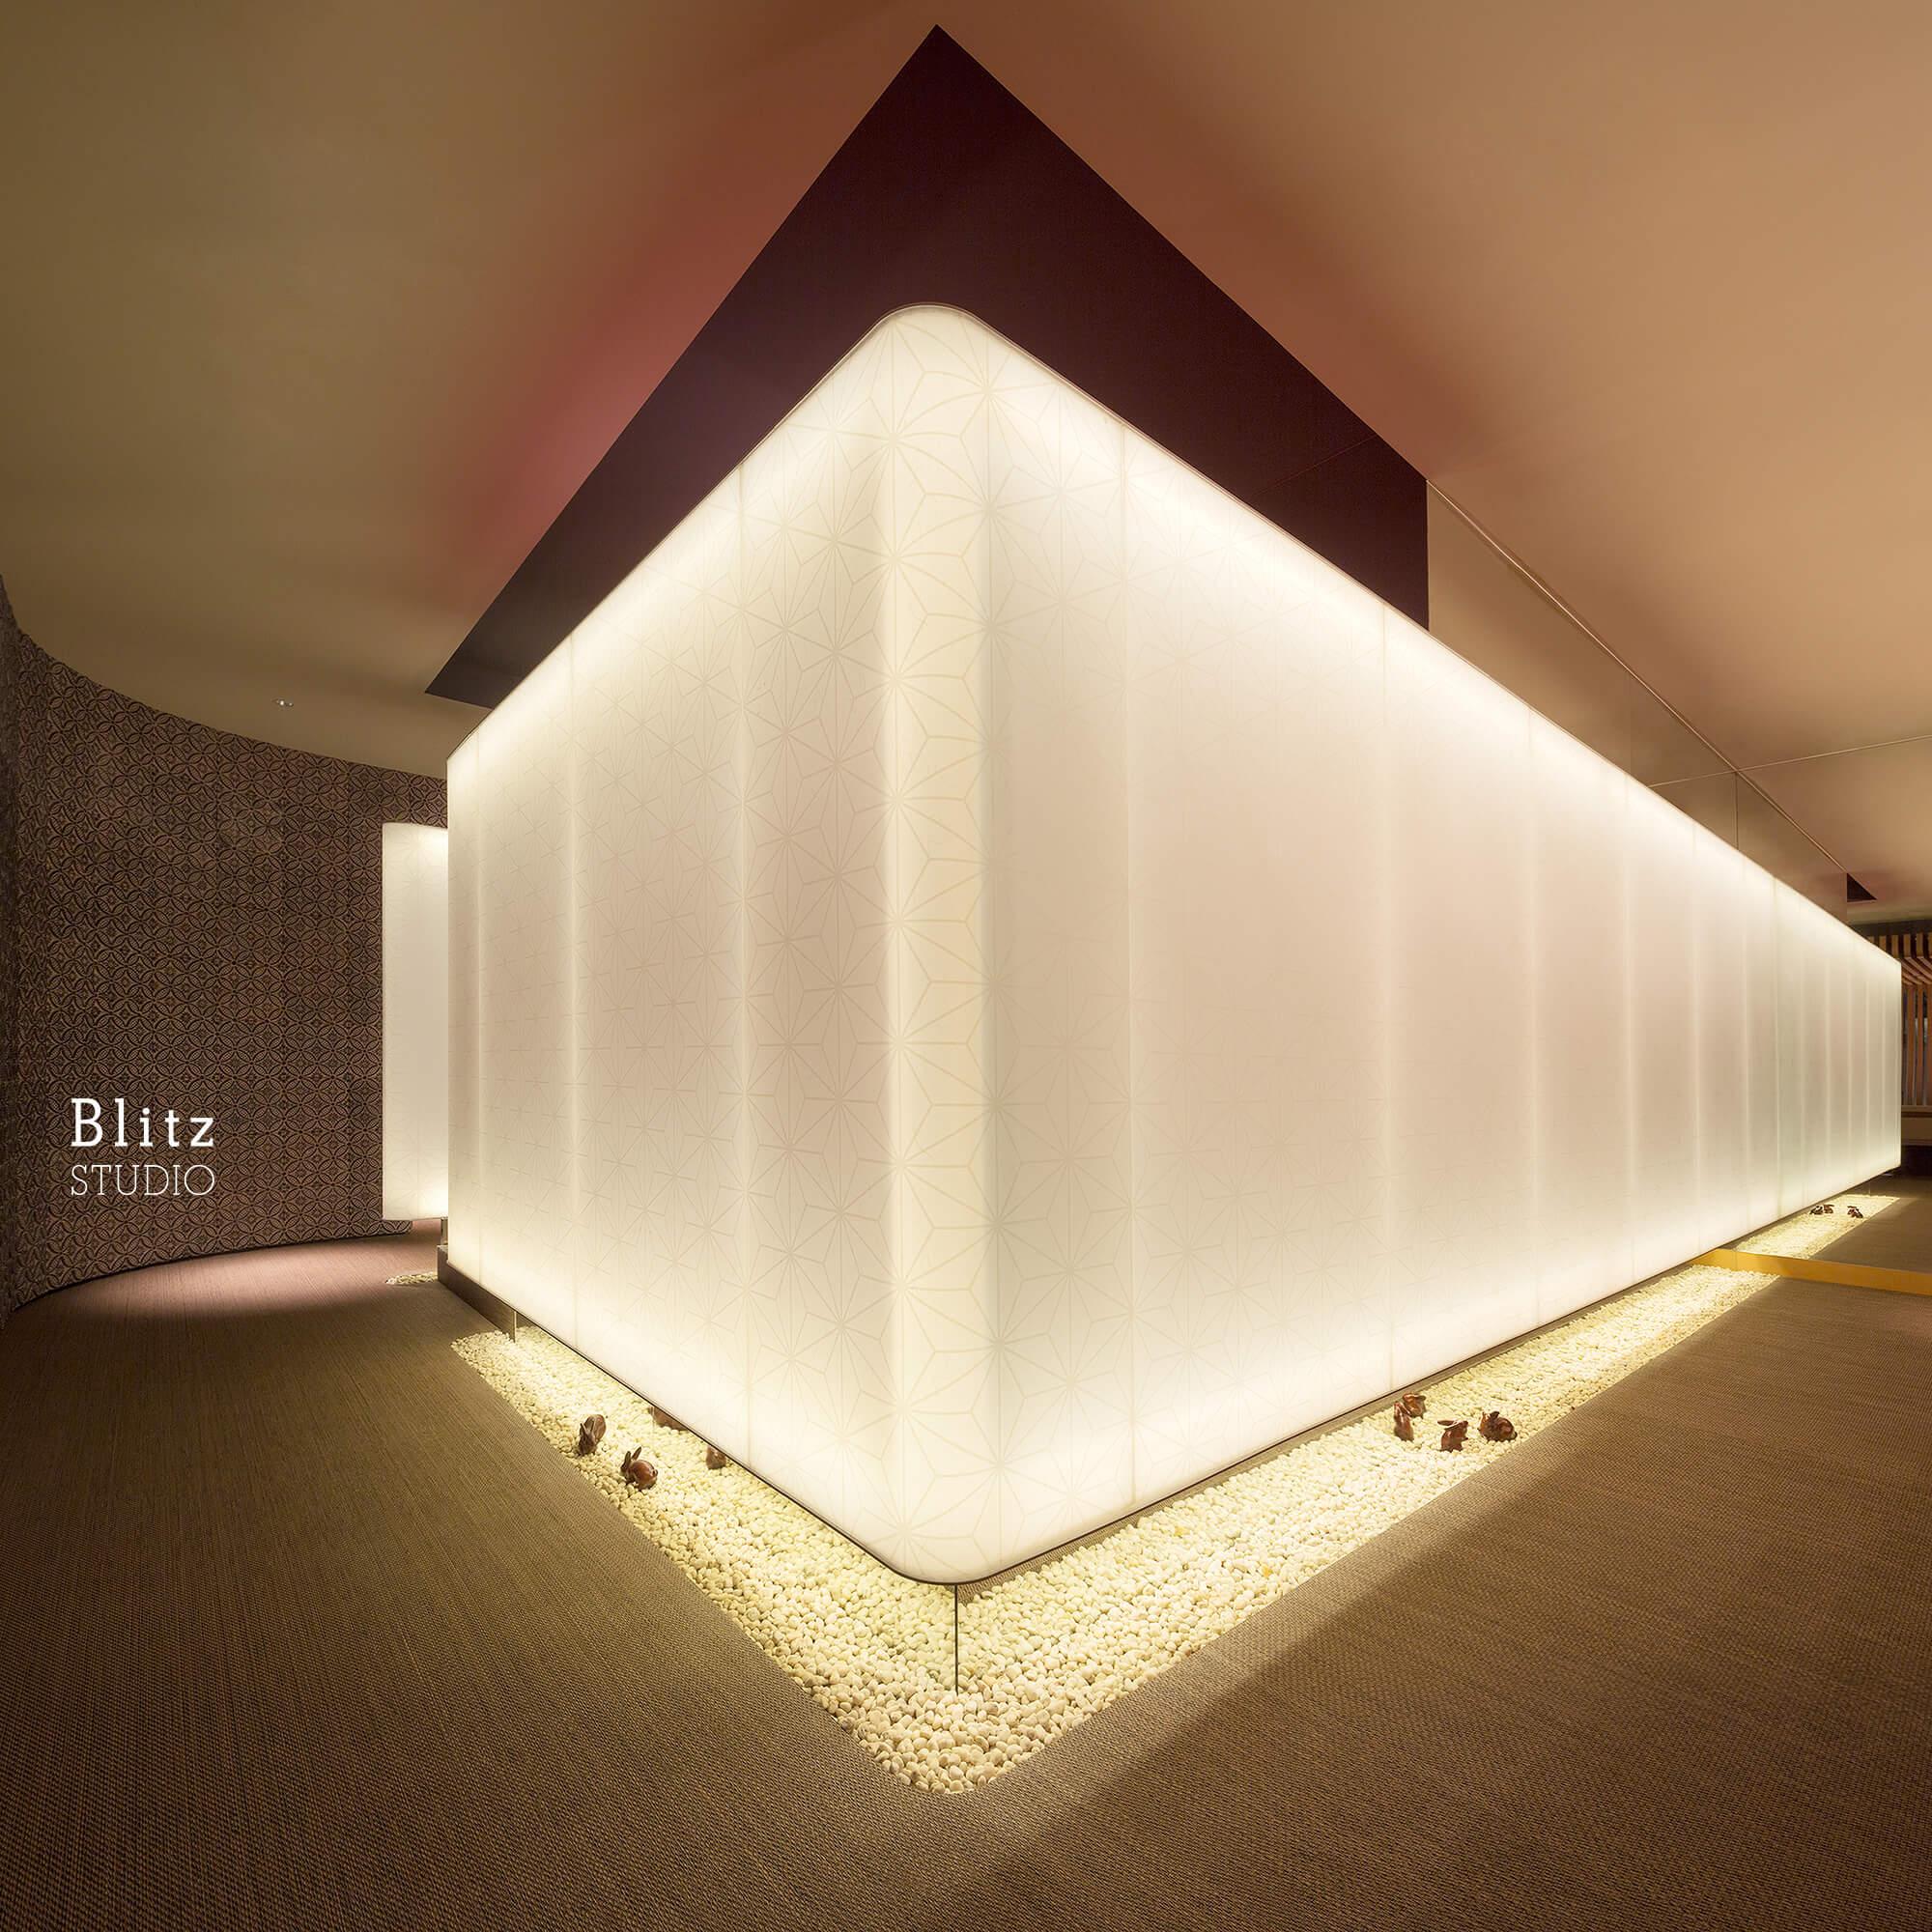 『ダイニングレストラン つきみち』-福岡県福岡市-建築写真・竣工写真・インテリア写真5